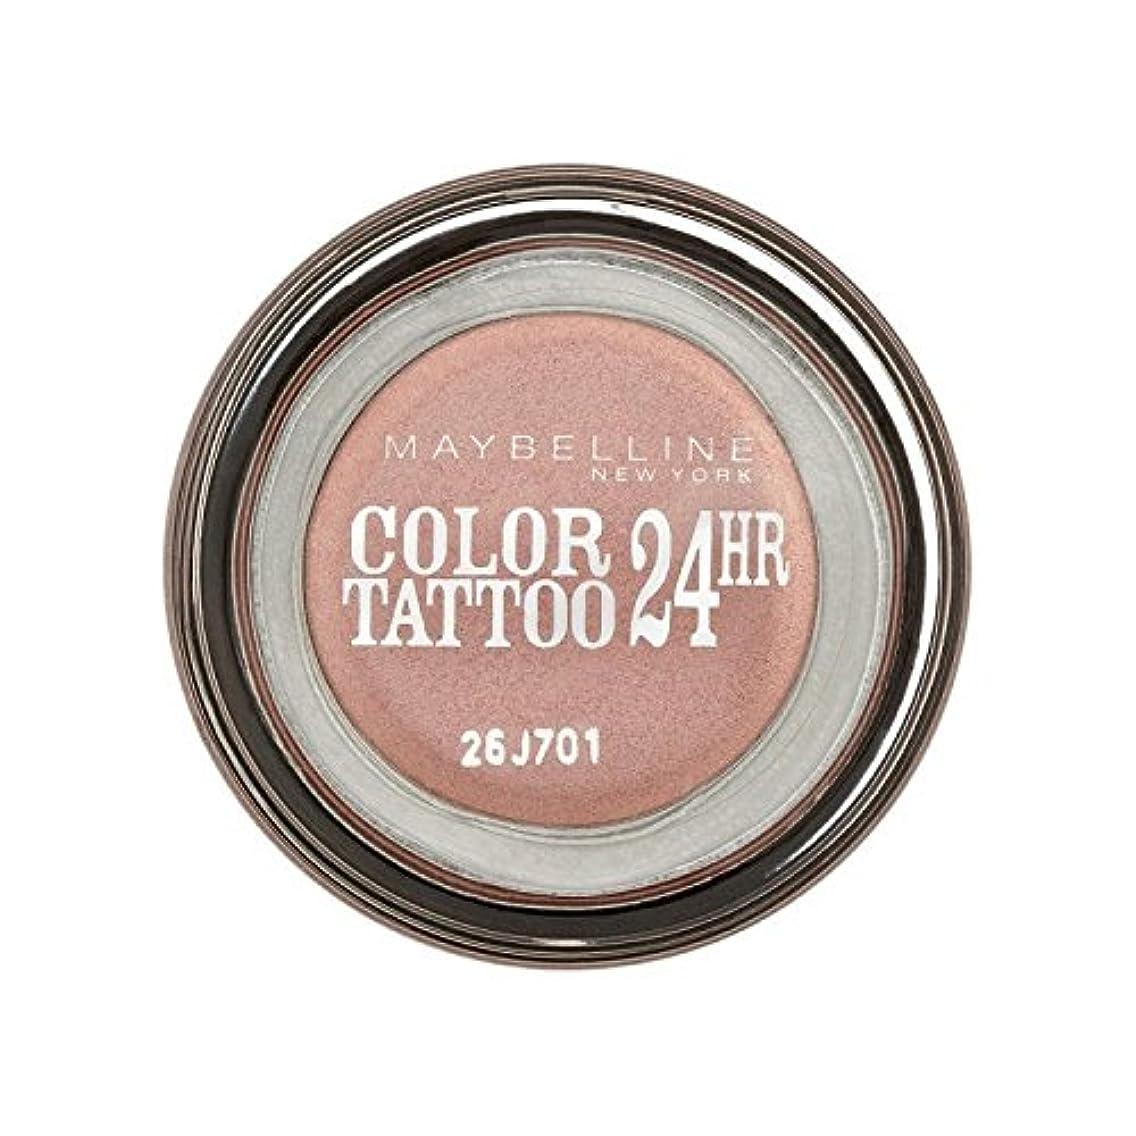 受け皿戦術破壊するMaybelline Color Tattoo 24Hr Eyeshadow 65 Pink Gold - メイベリンカラータトゥー24時間アイシャドウ65ピンクゴールド [並行輸入品]